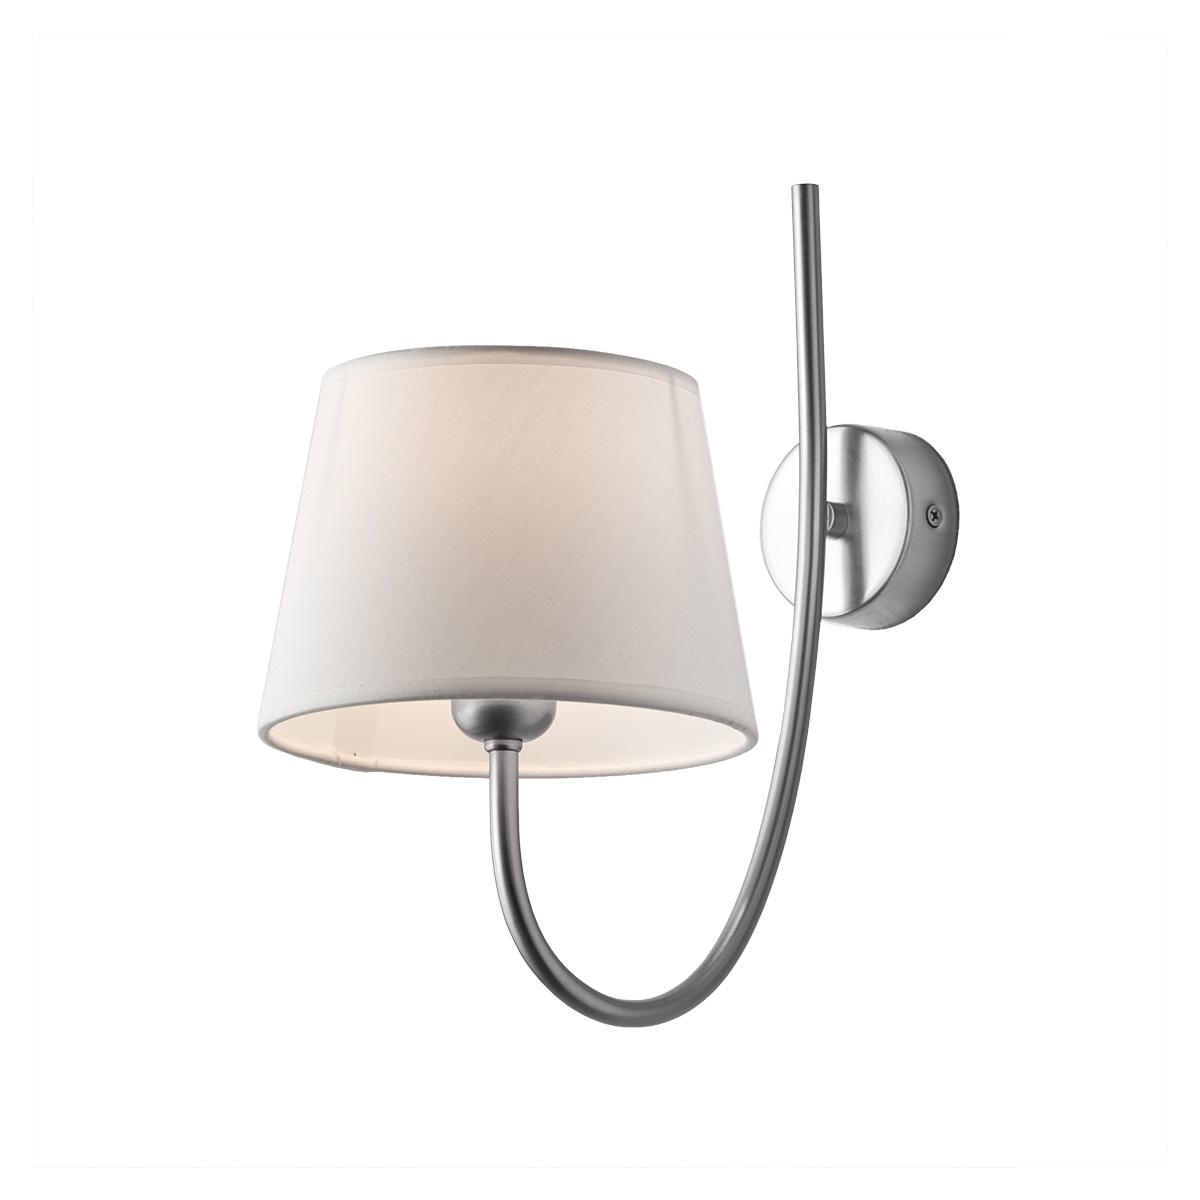 Επιτοίχιο φωτιστικό με καπέλο ΡΟΔΟΣ wall lamp with shade